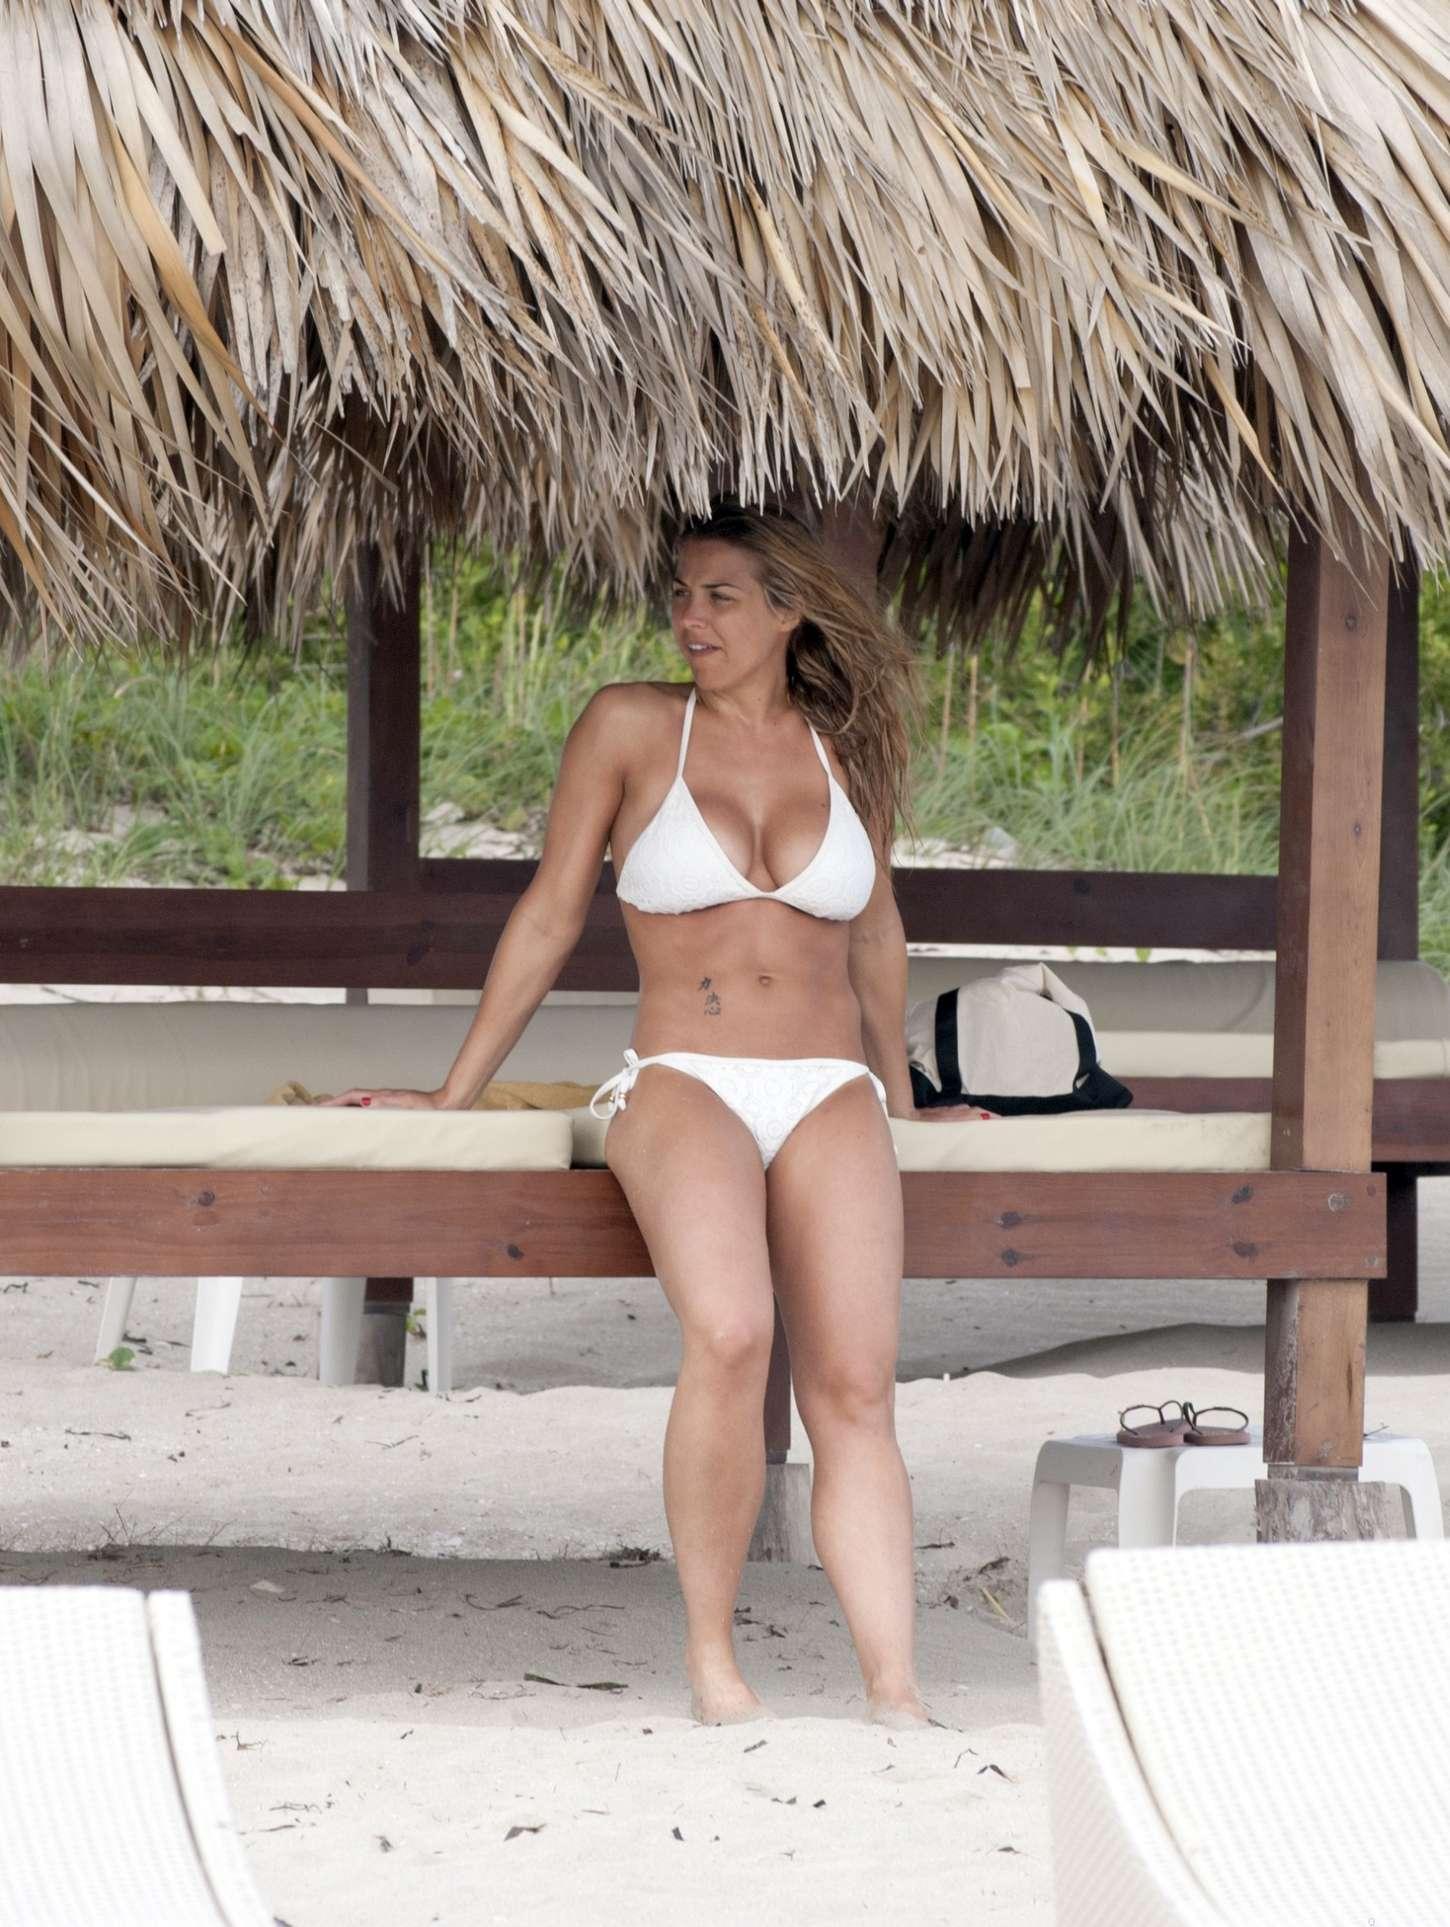 Gemma-Atkinson-in-White-Bikini--01.jpg